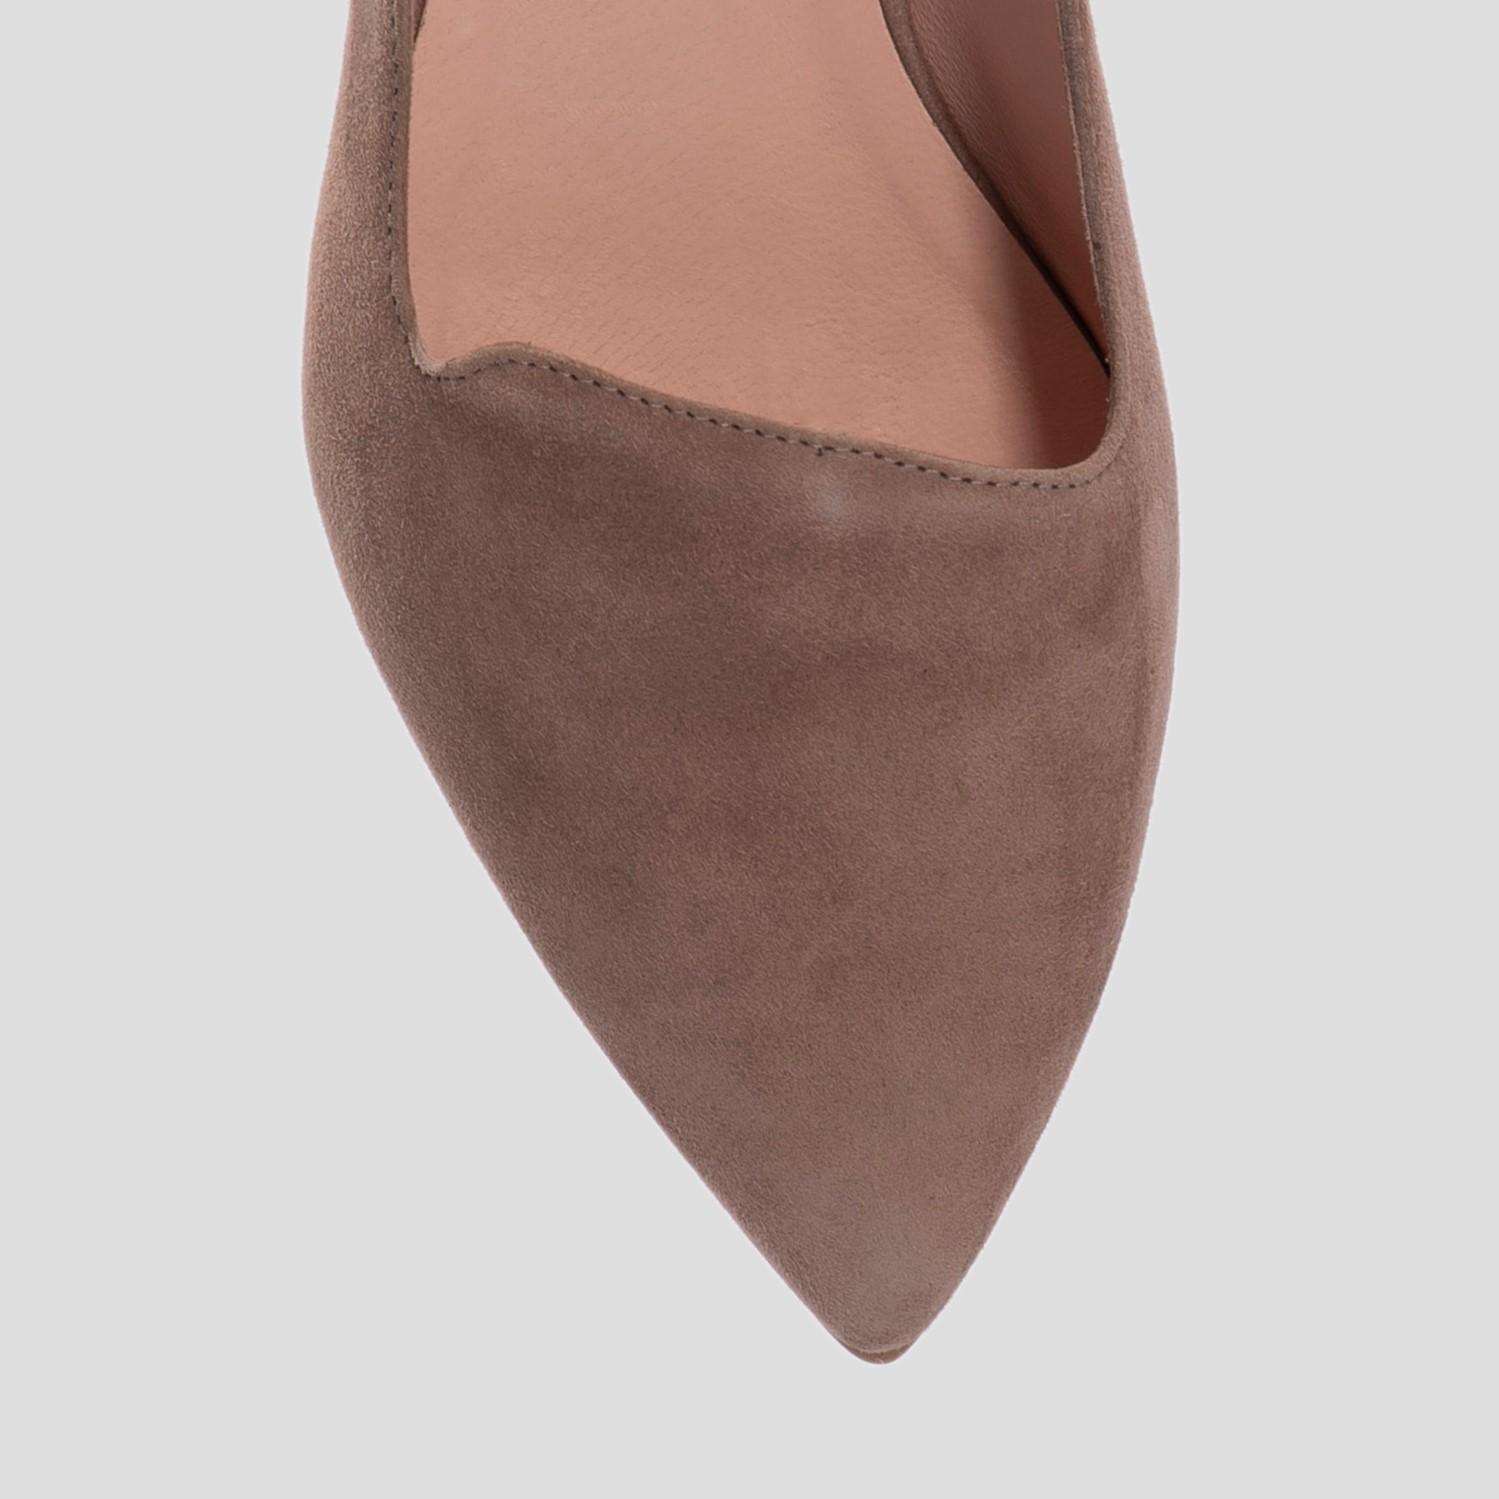 Балетки для женщин Балетки 77221 бежевий 77221bez цена обуви, 2017